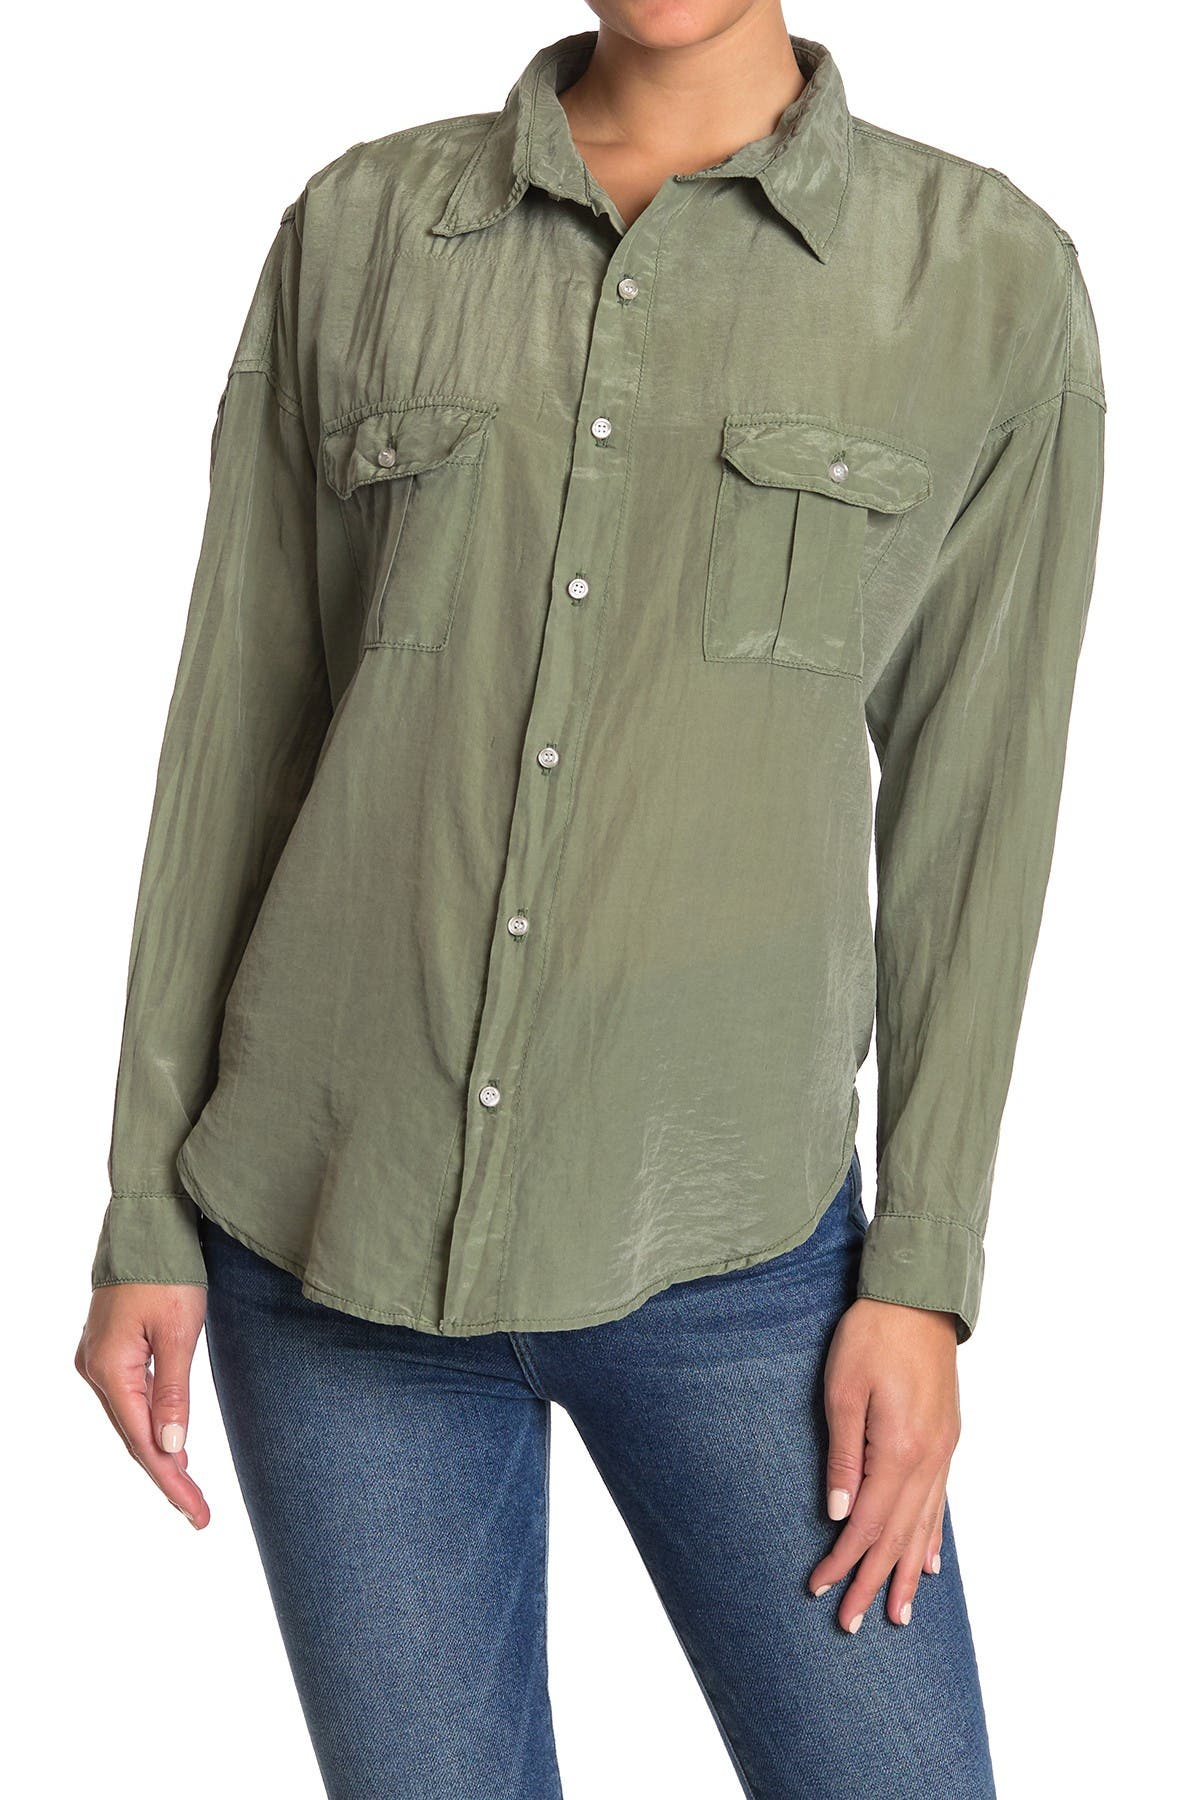 Image of NSF CLOTHING Johnna Long Sleeve Pocket Shirt